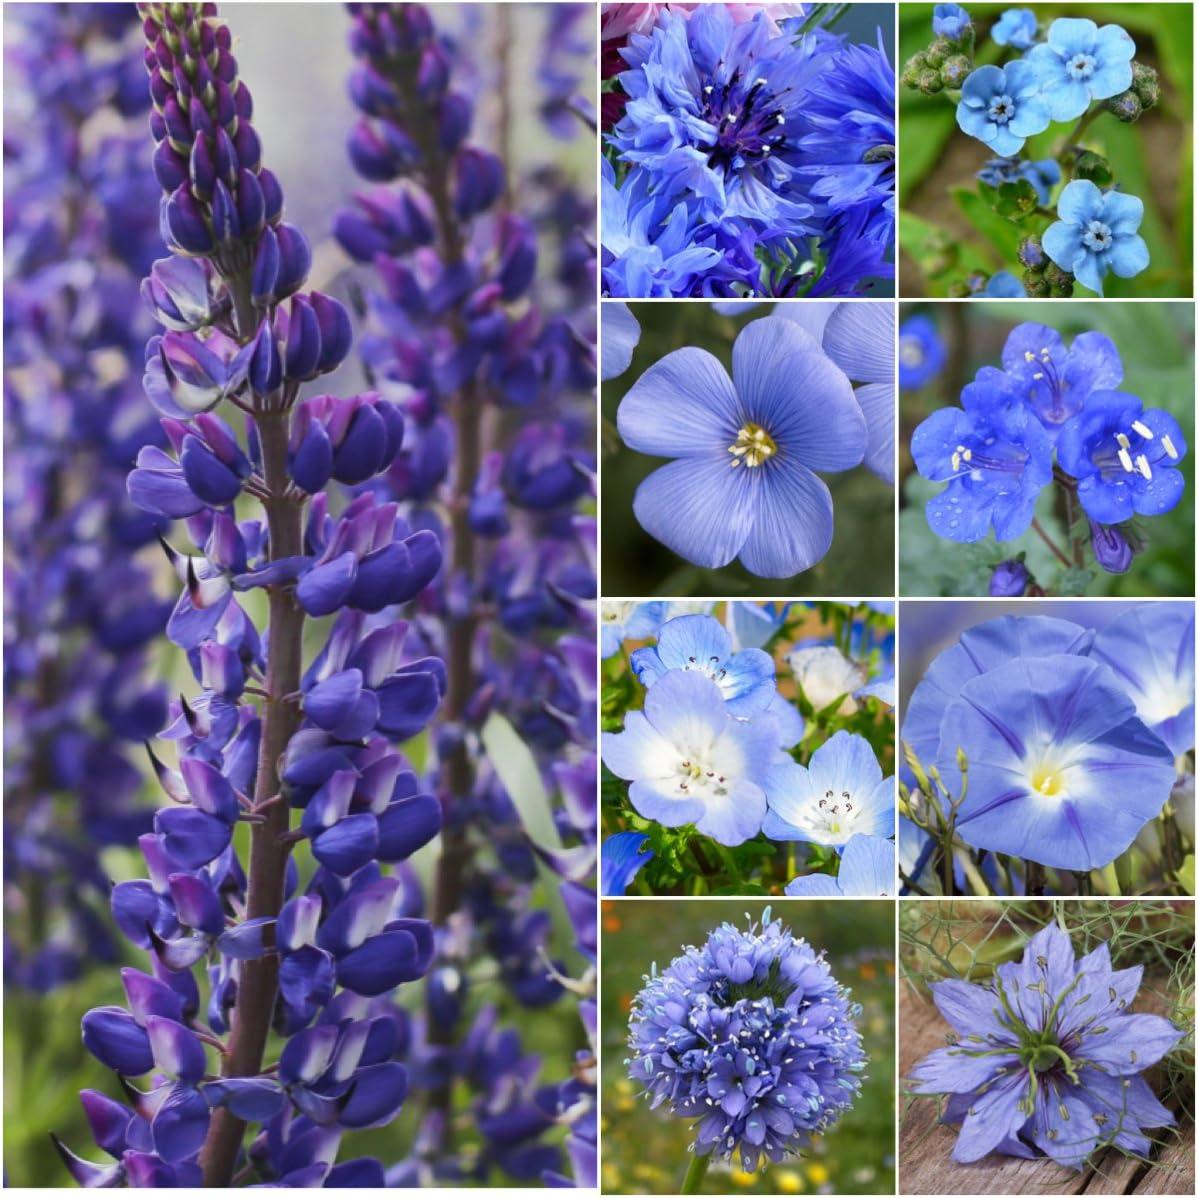 Bulk Package of 30,000 Seeds, Wildflower Mixture